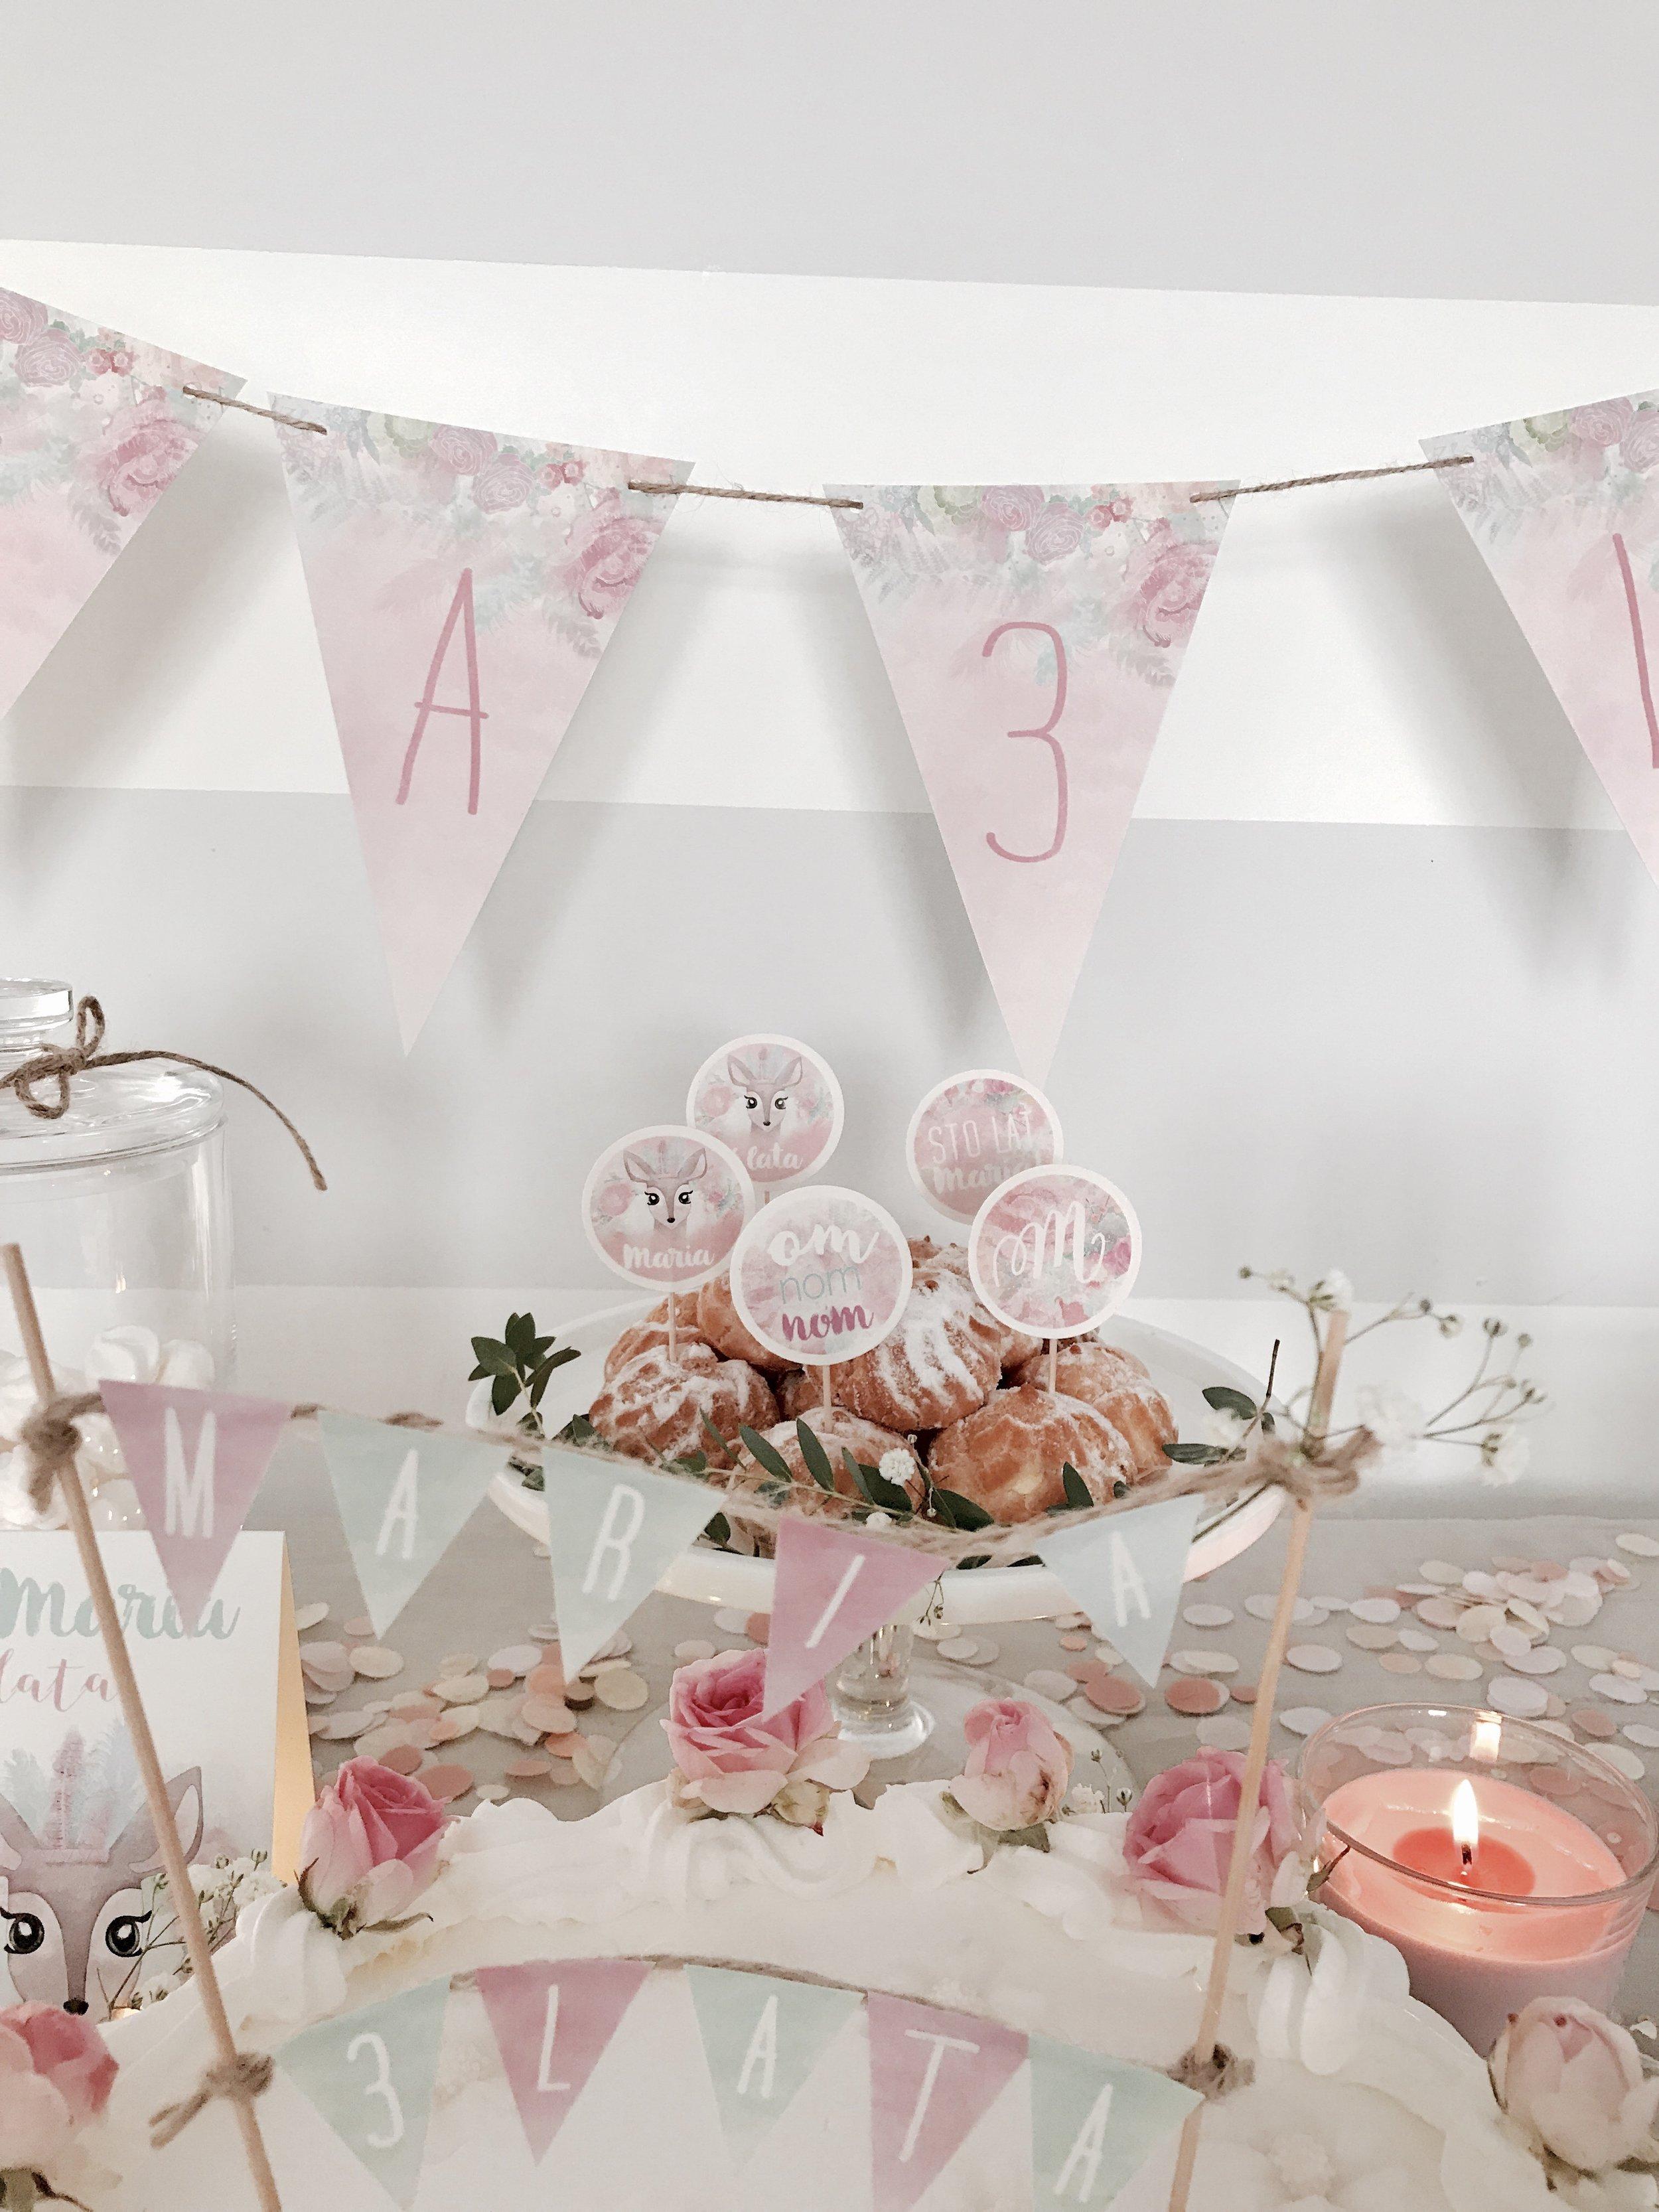 projekt-przyjecie-dekoracje-urodzinowe-papeteria-okolicznosciowa-personalizowana-boho-rustykalne-piki-girlanda-tabliczki-kwiaty-dla-dziewczynki (12).JPG